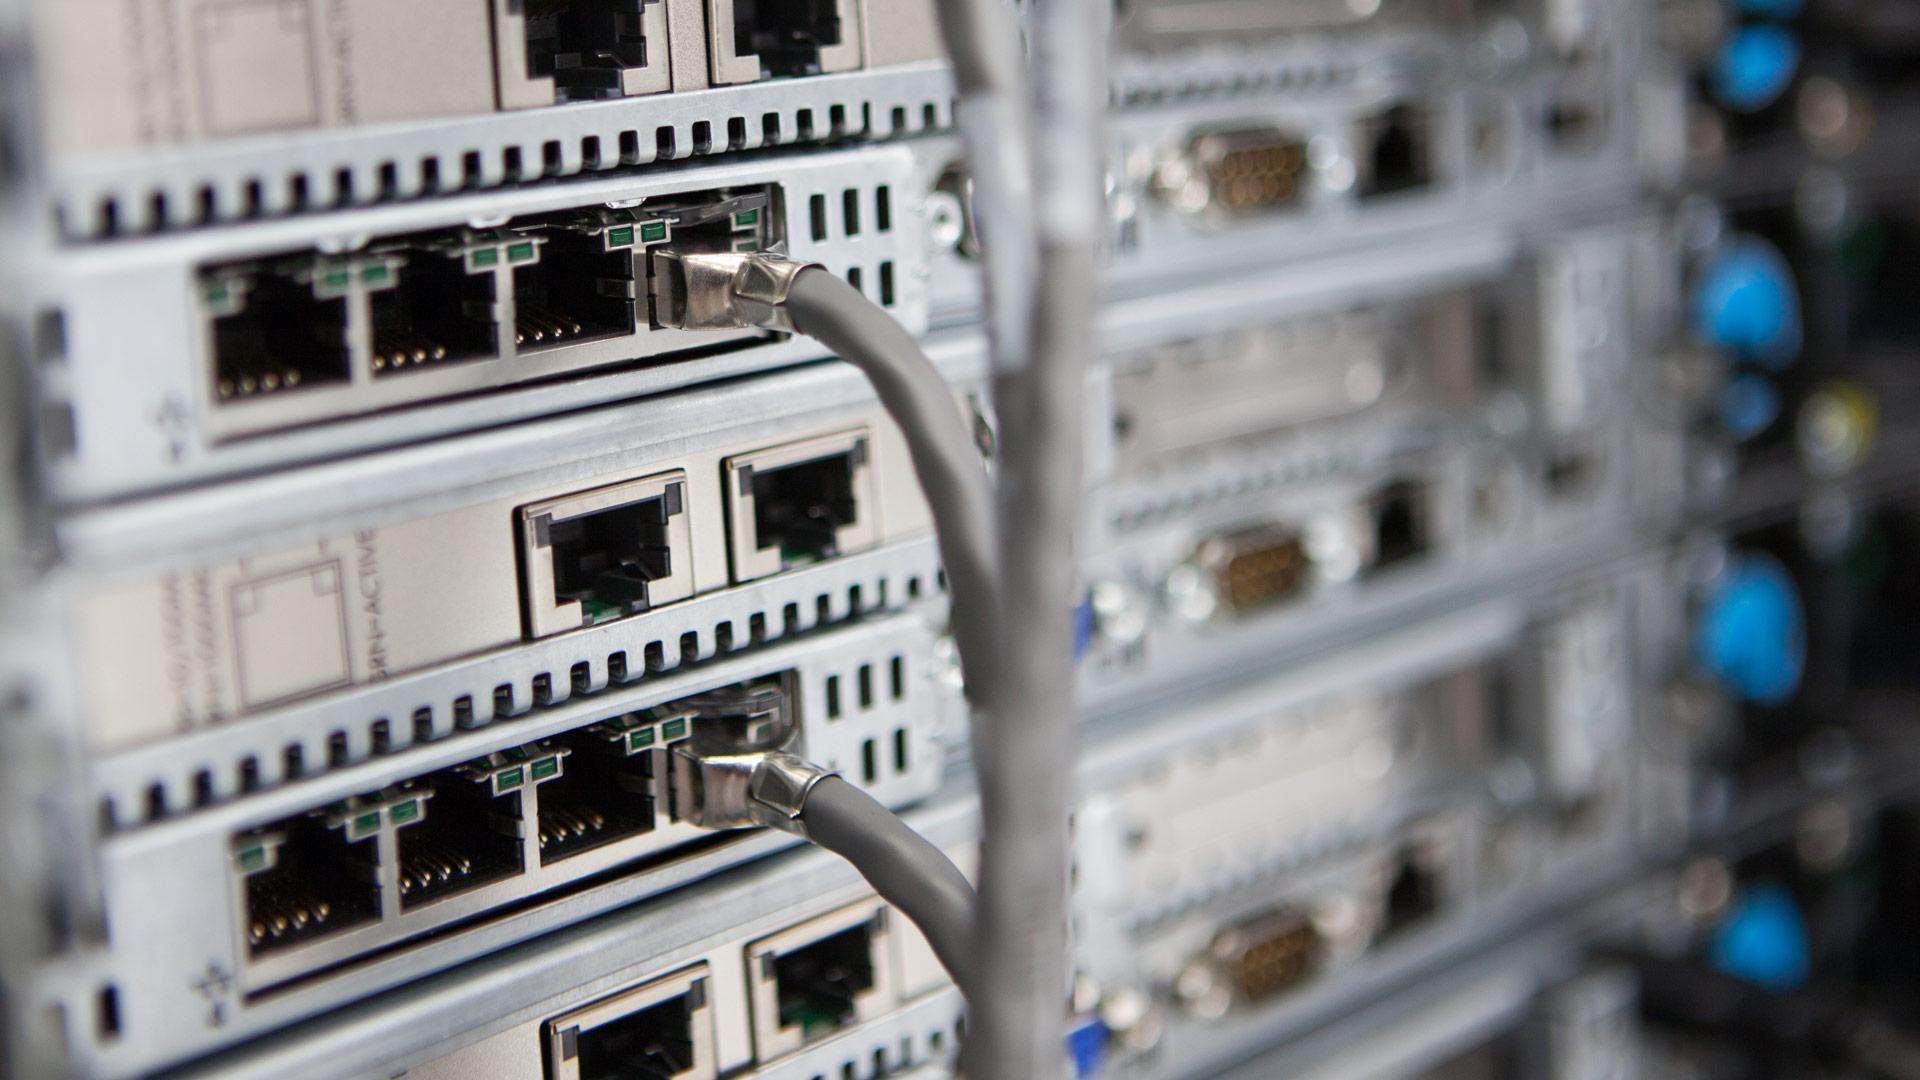 1920_1080_2 Wiring Harness Boards on thermostat board, ecm board, bracket board, wheel board,